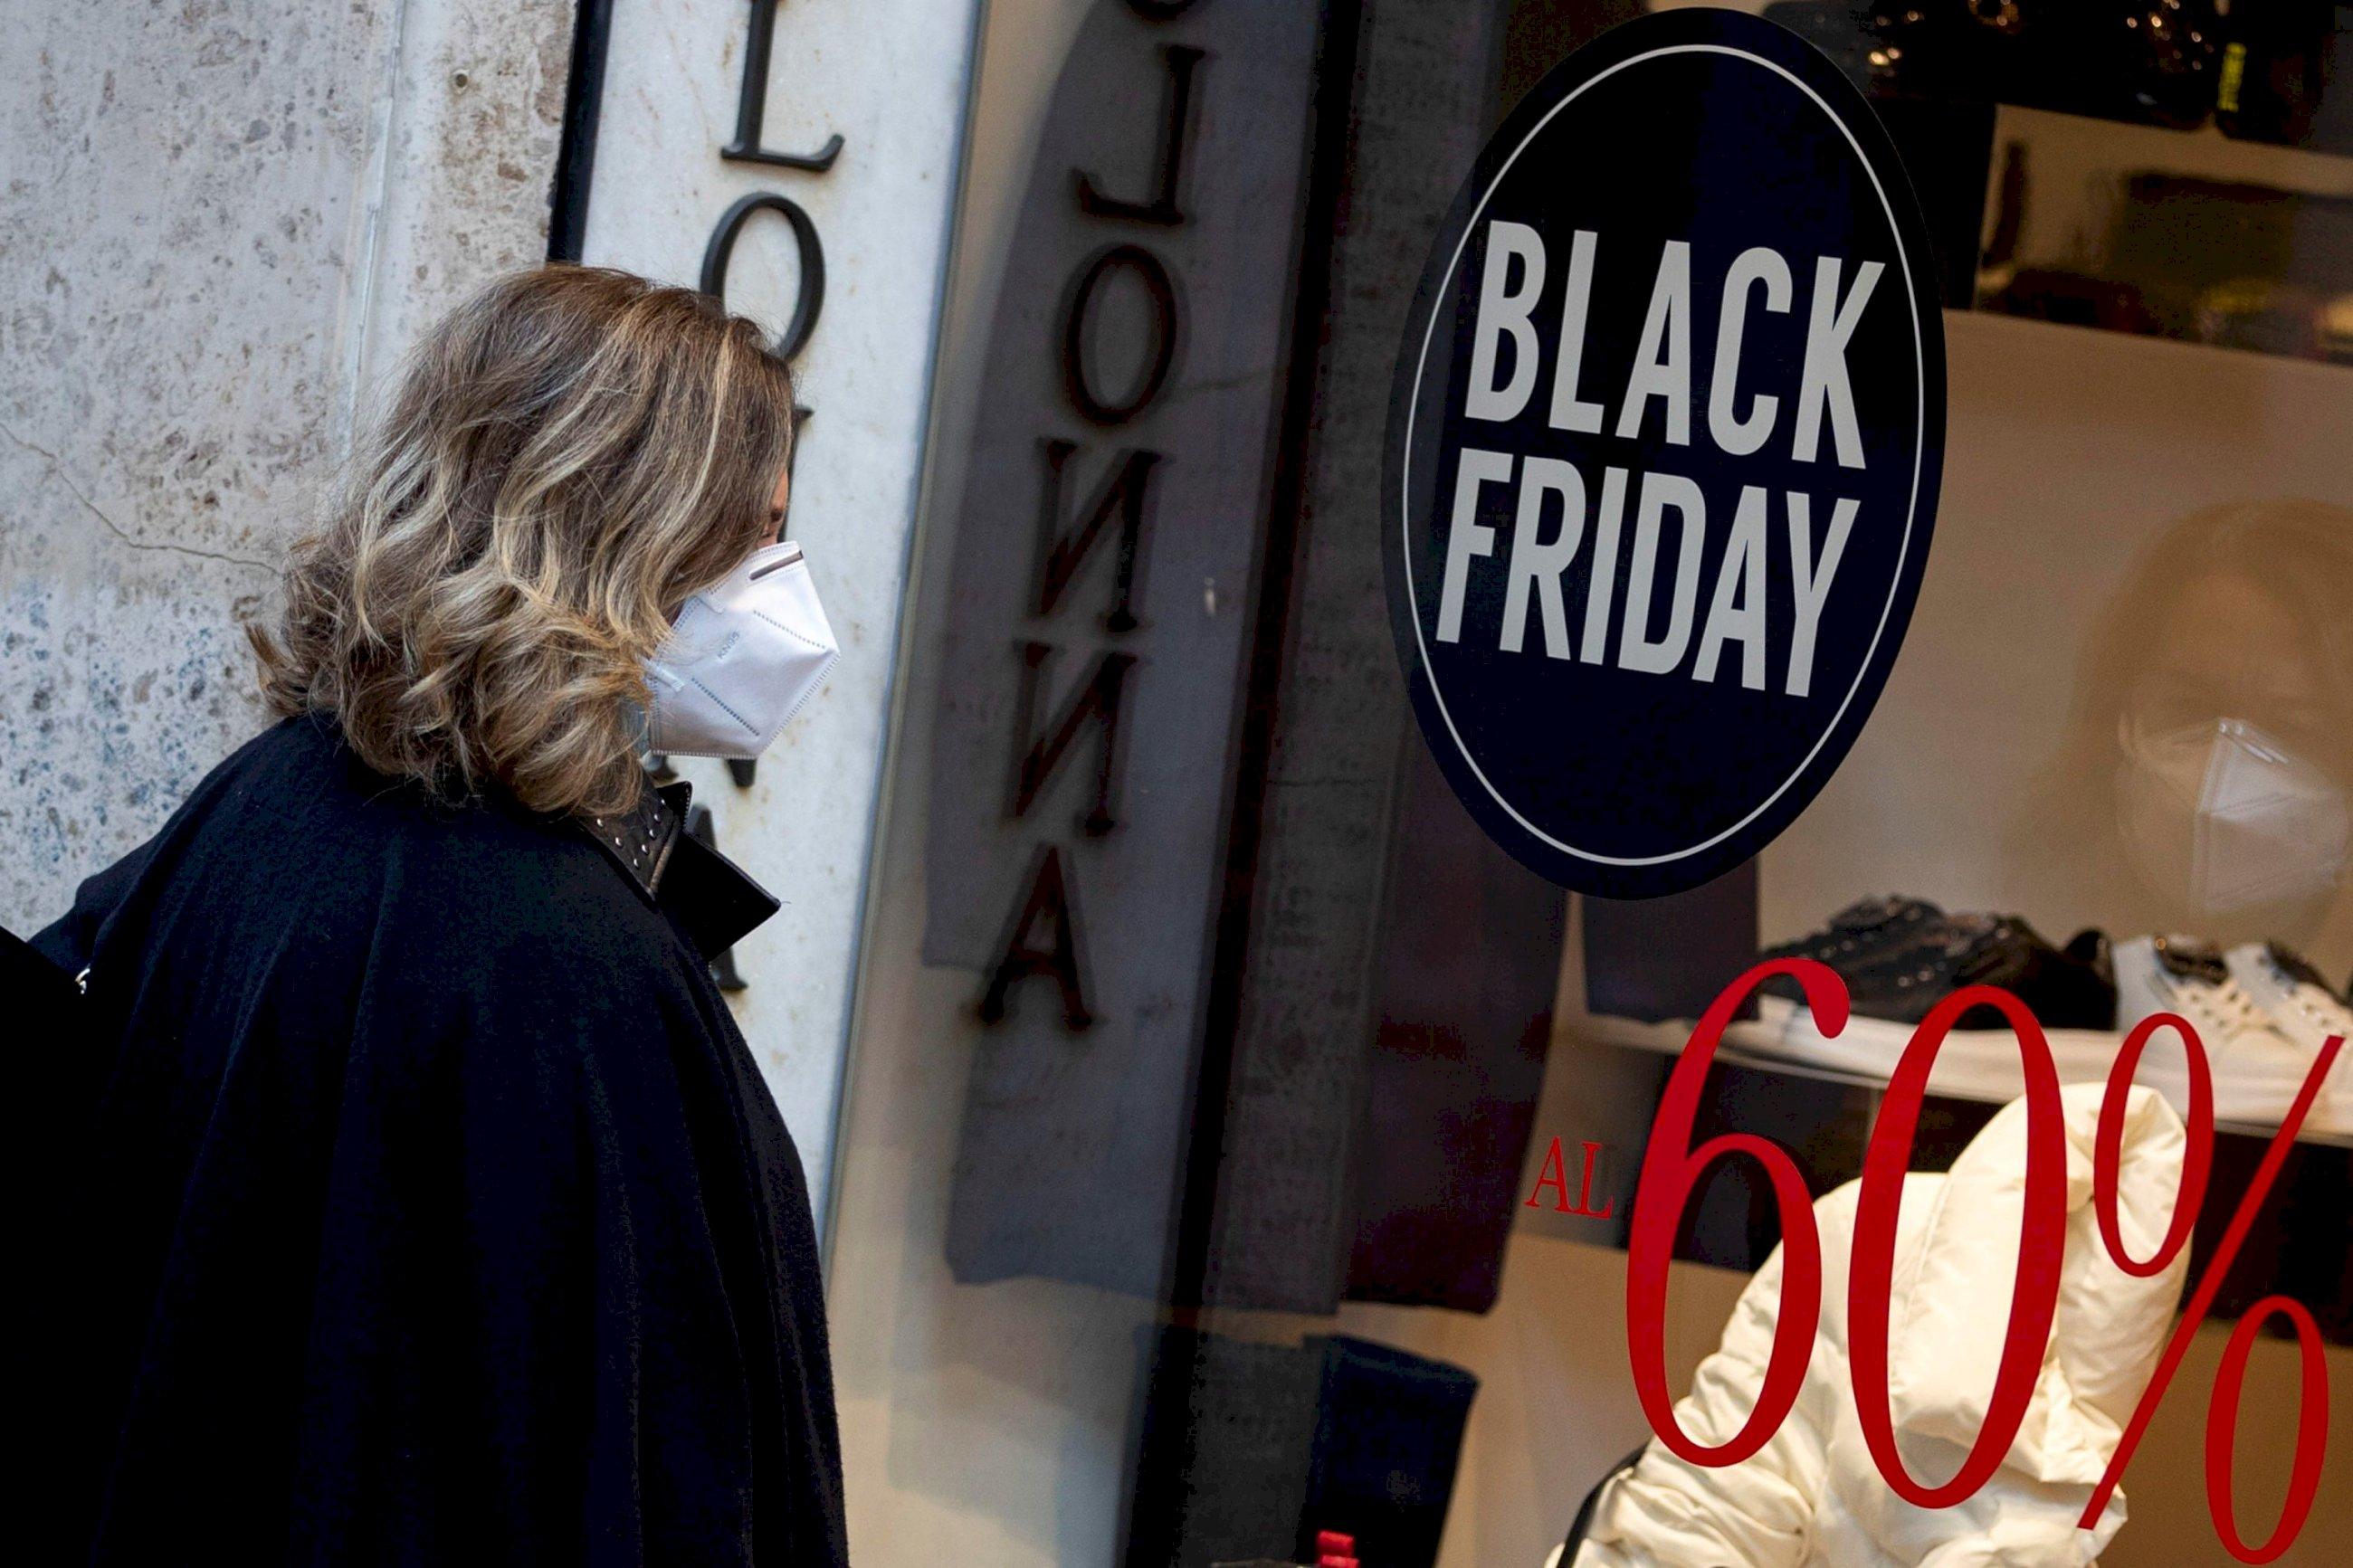 Caixabank contra BBVA: así fue el Black Friday según cada banco